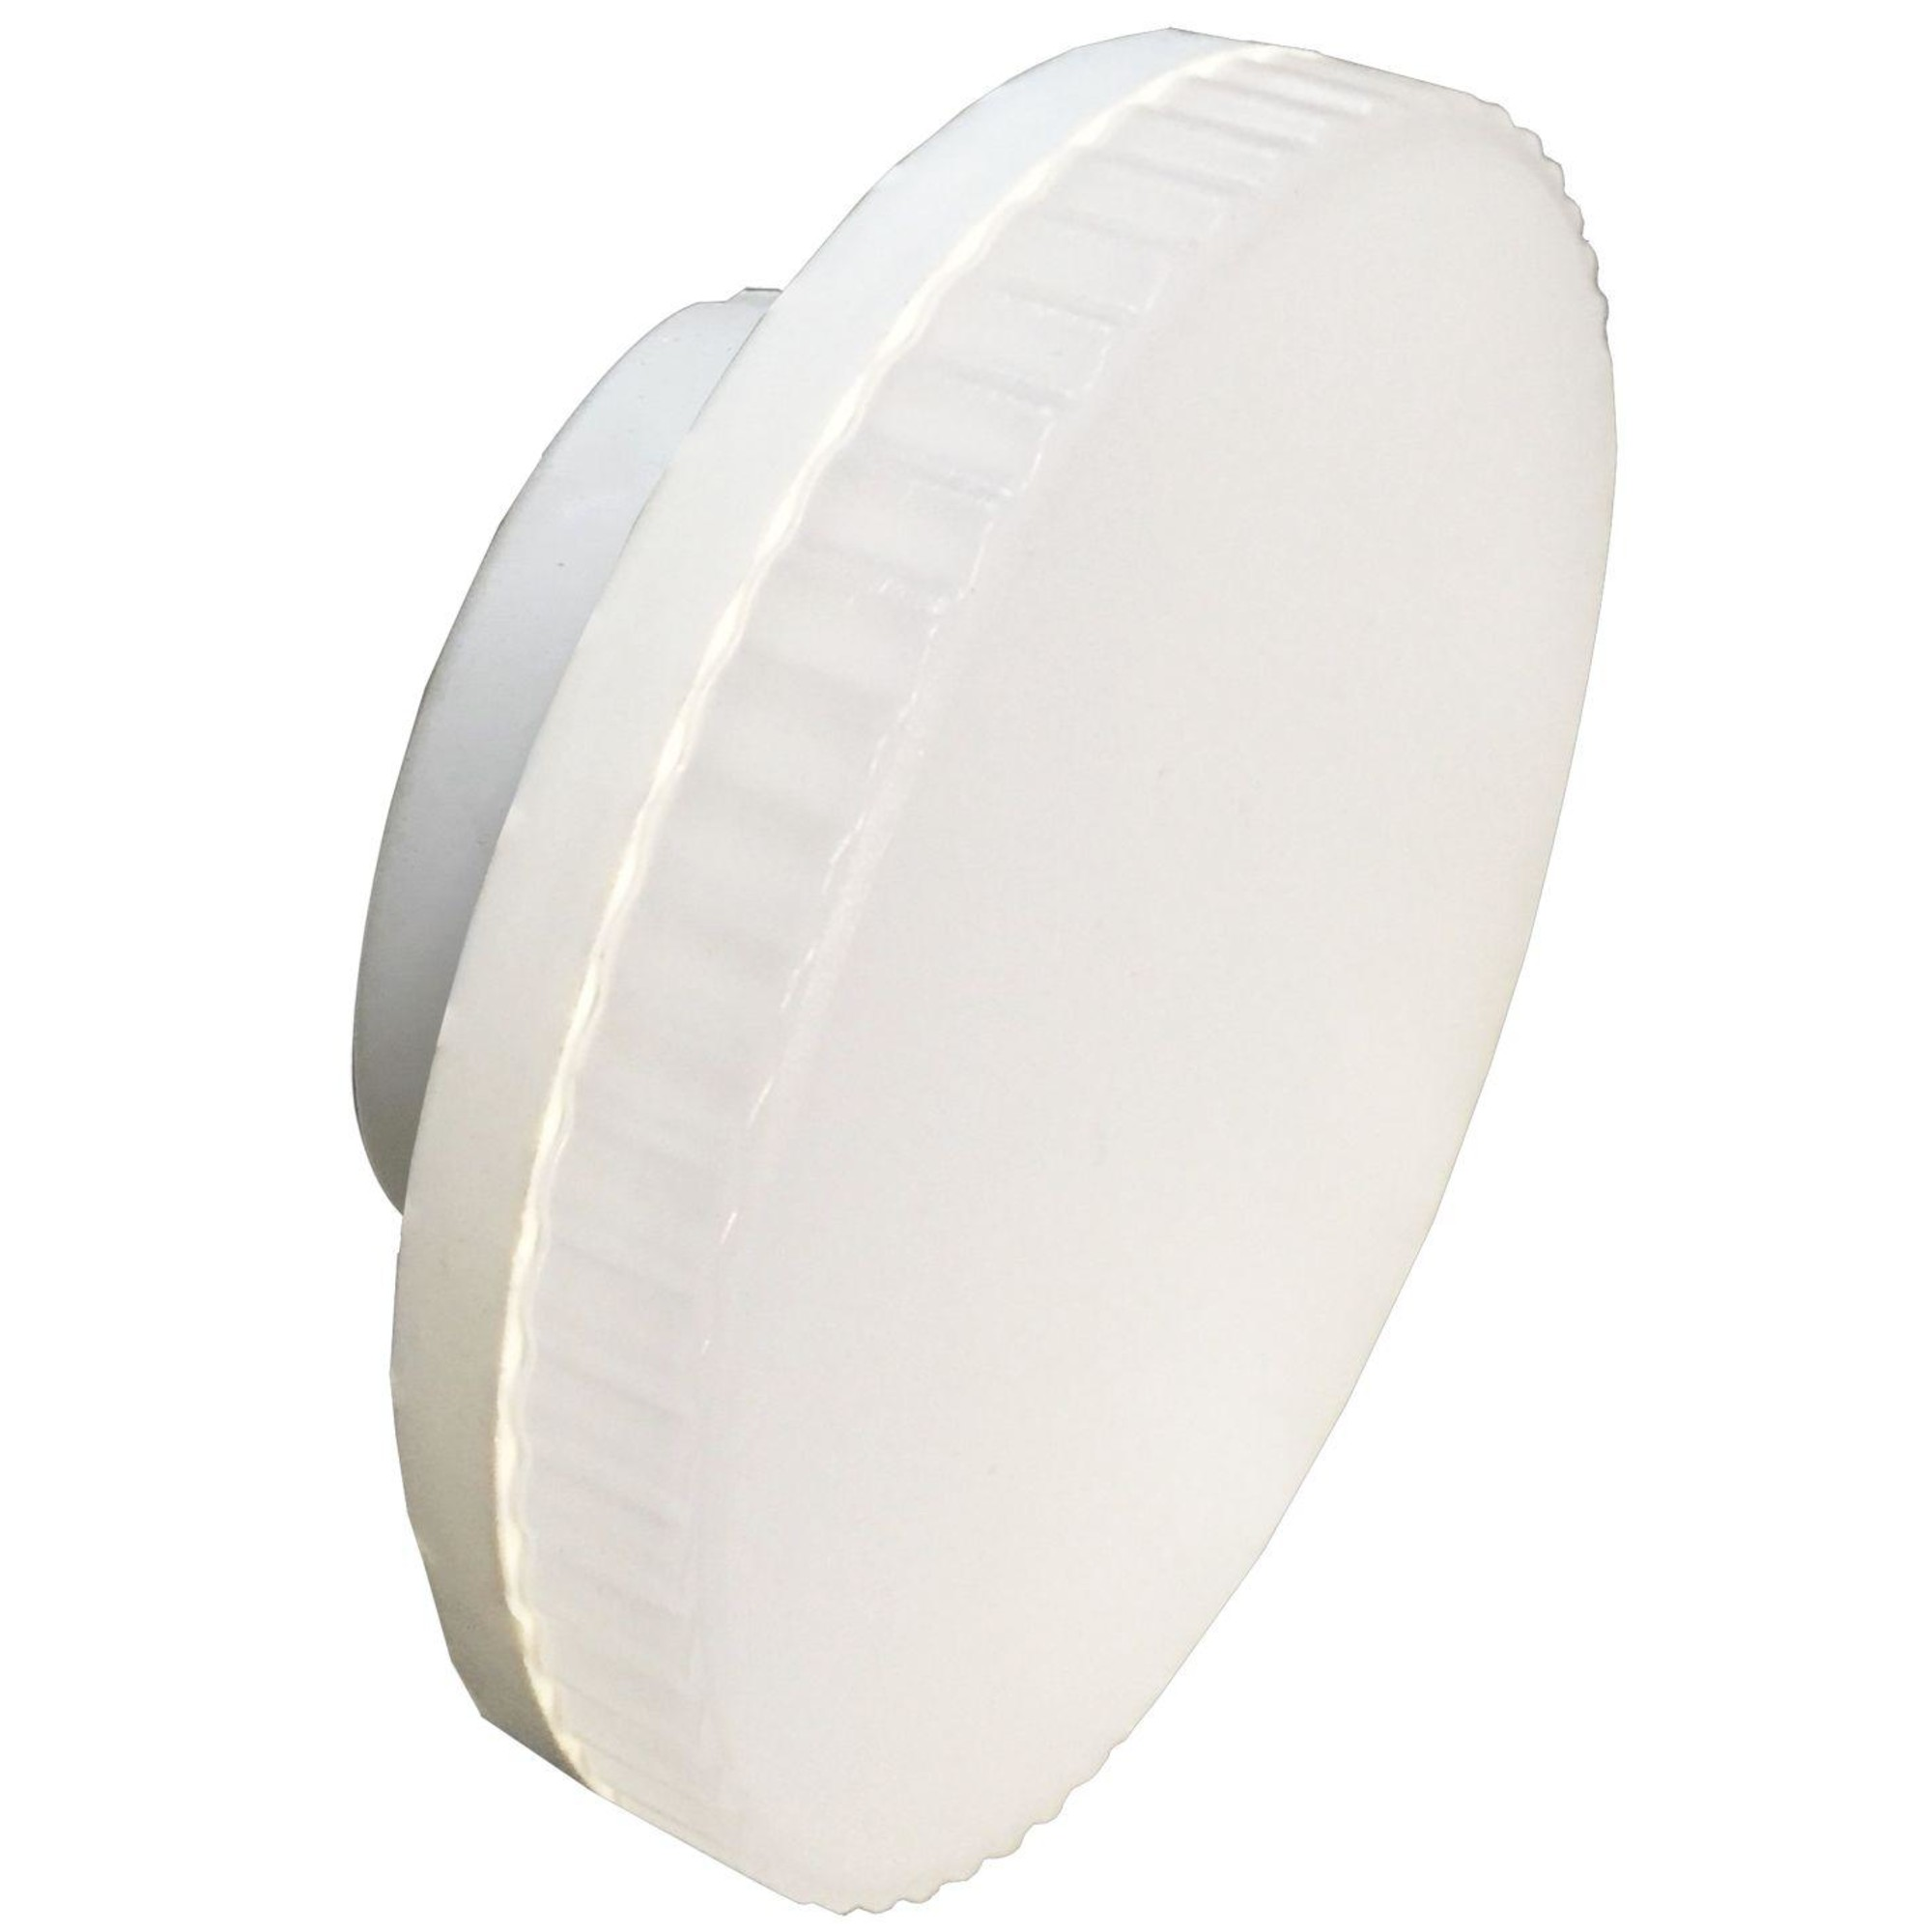 Лампа Ecola light светодионая GX53 6 Вт таблетка 420 Лм холодный свет